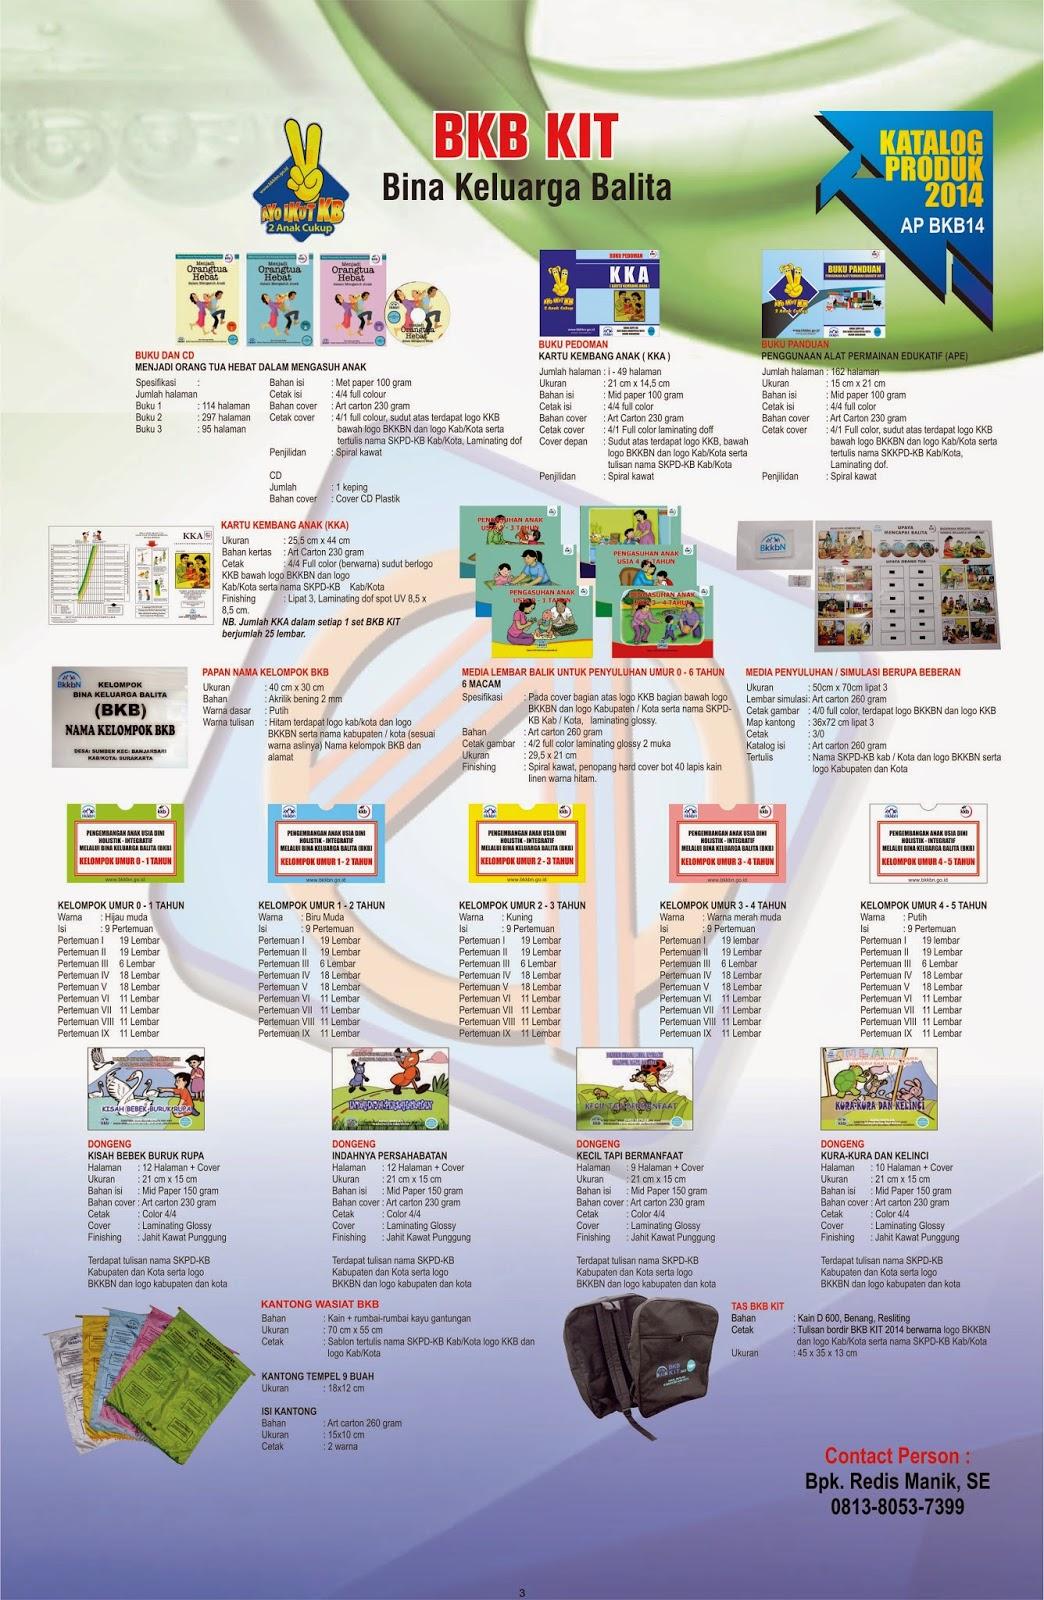 PENGADAAN BINA KELUARGA BALITA (BKB) KIT 2014 ~ bkb kits 2014